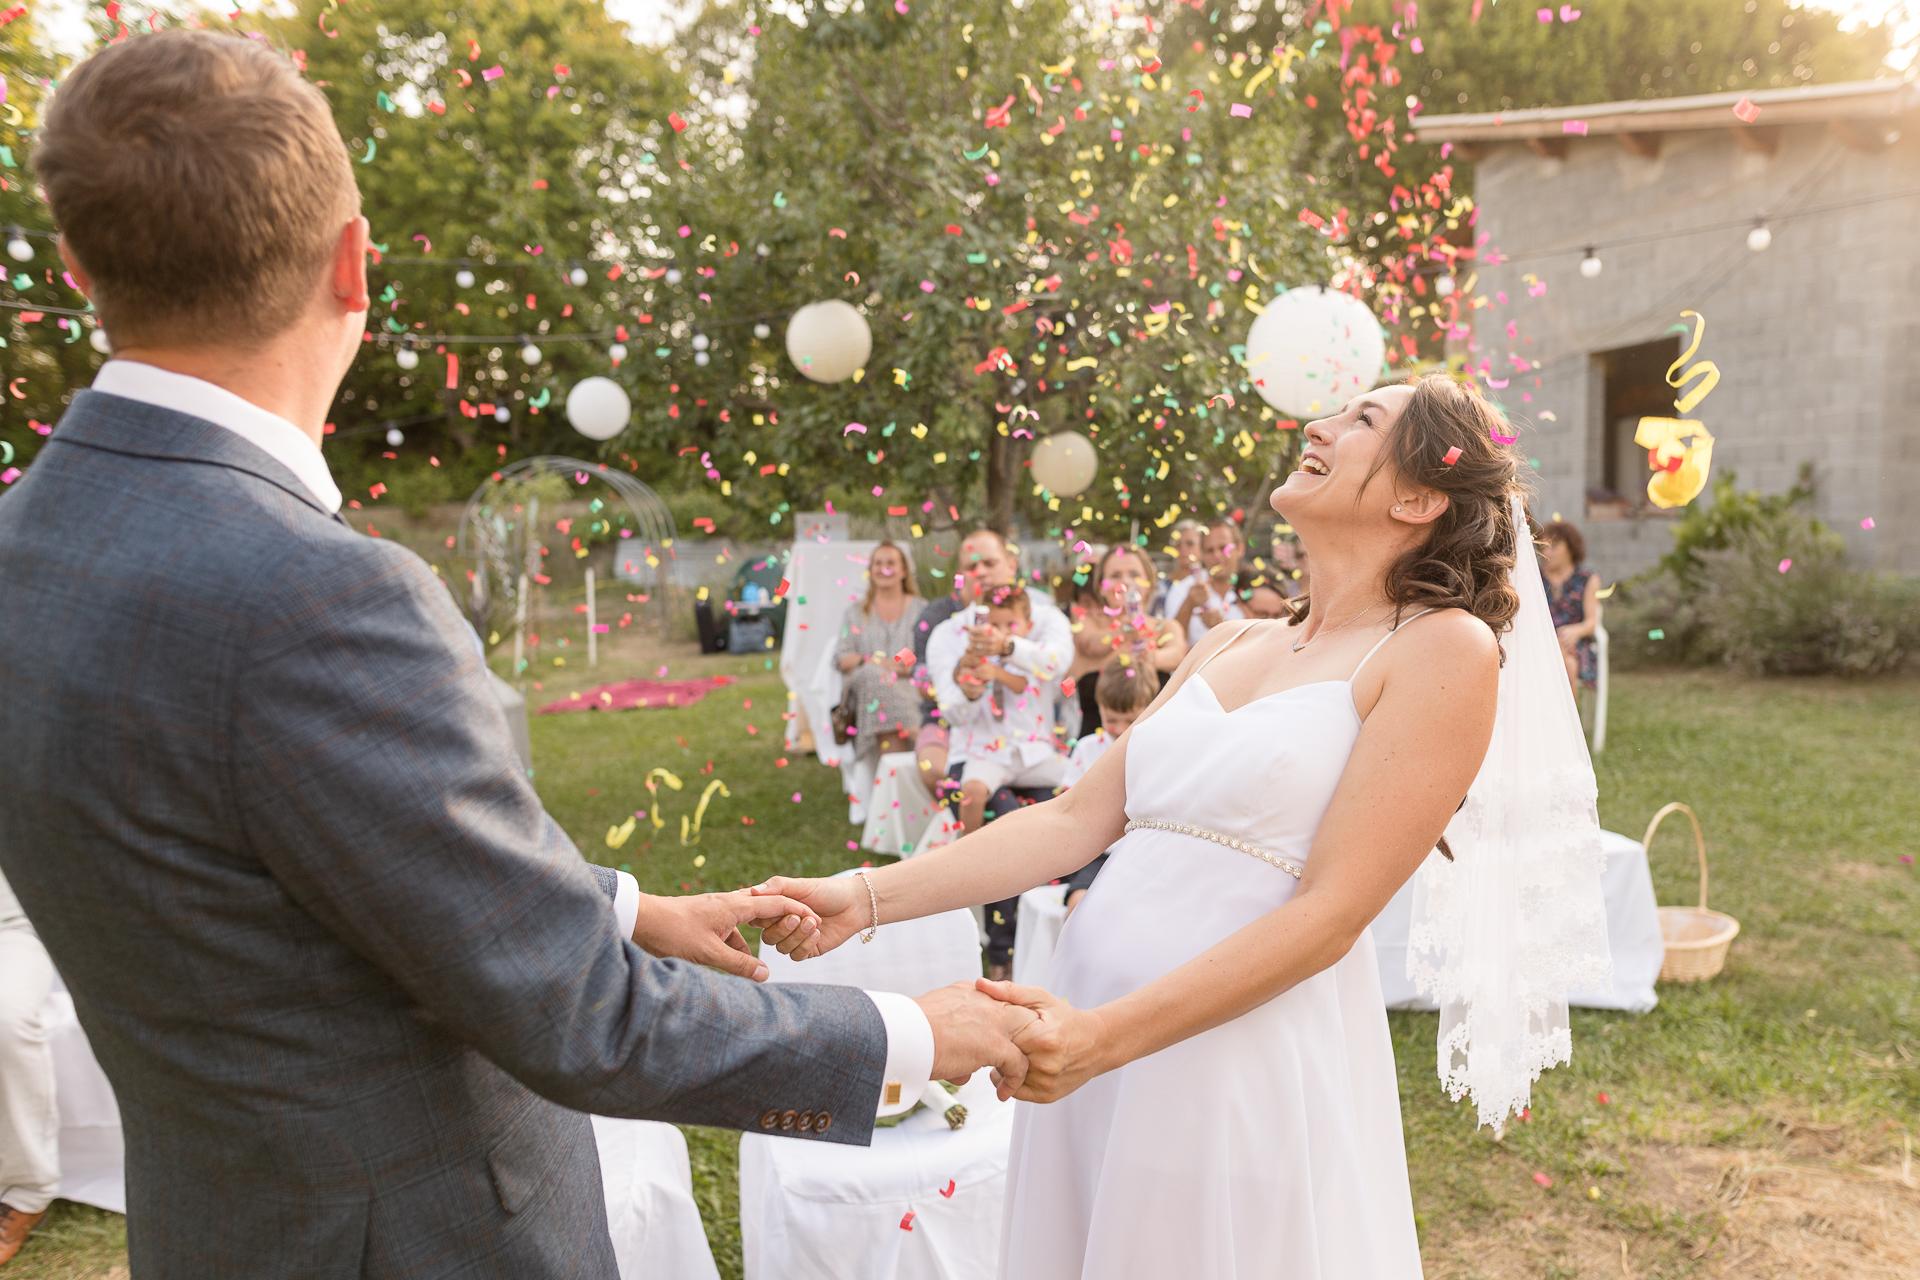 Imagen de ceremonia de boda al aire libre de Mézel | se anuncian marido y mujer